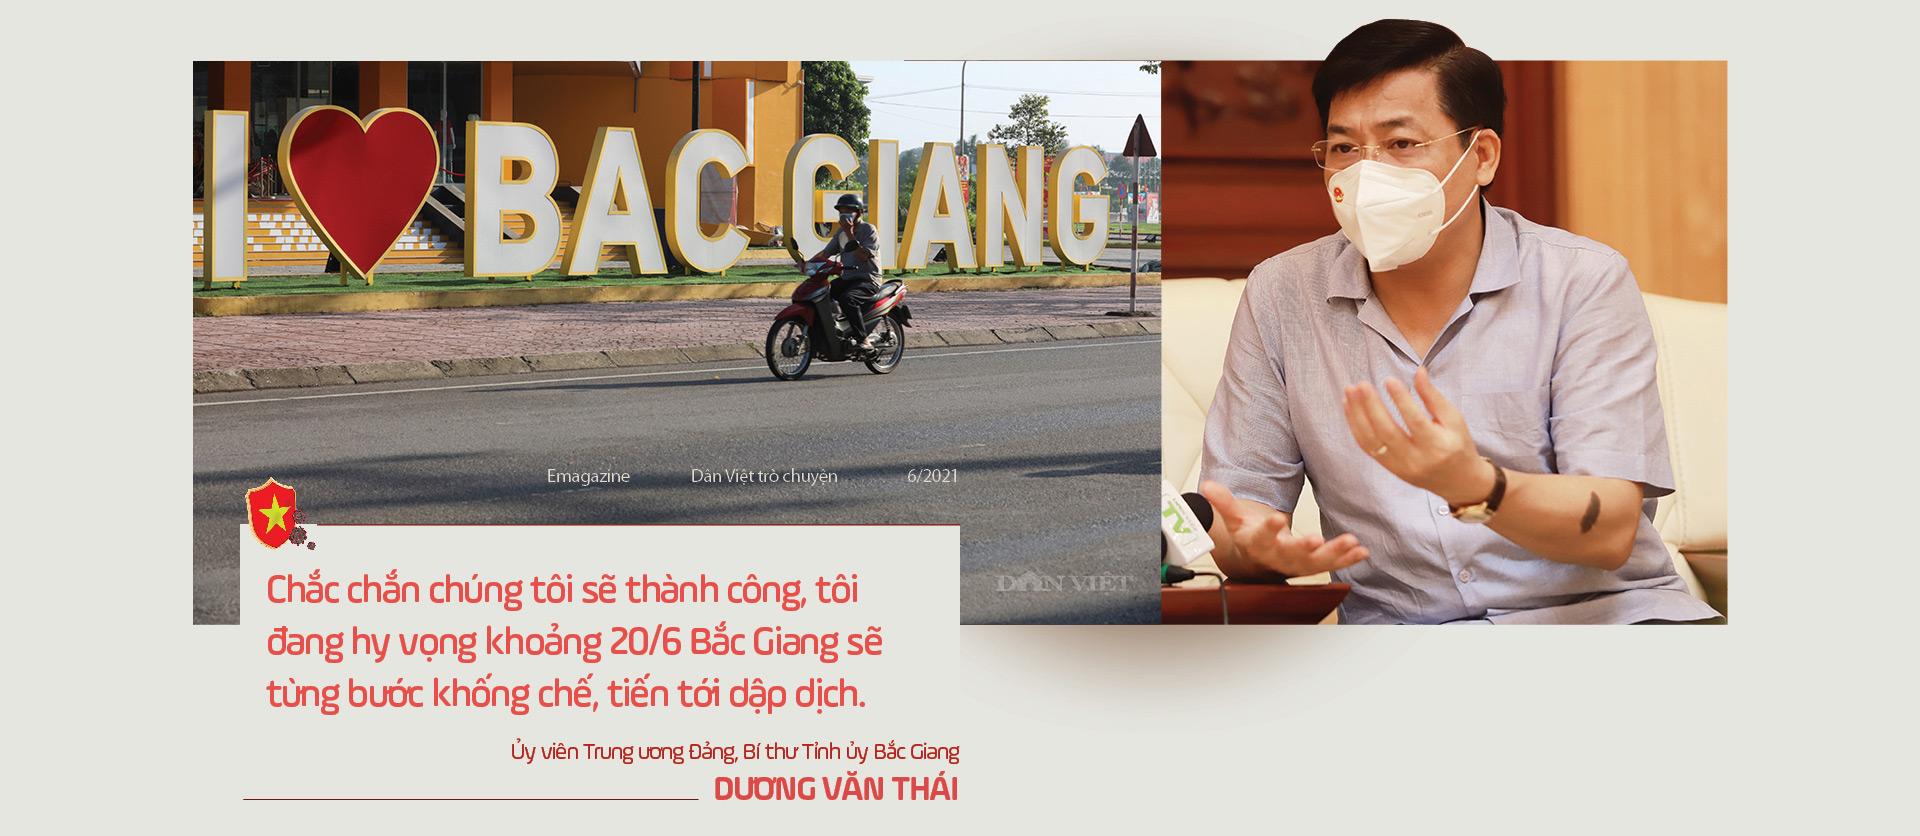 Ủy viên Trung ương Đảng, Bí thư Tỉnh ủy Bắc Giang Dương Văn Thái: Mùa vải nóng sẽ…ngọt ngào! - Ảnh 18.